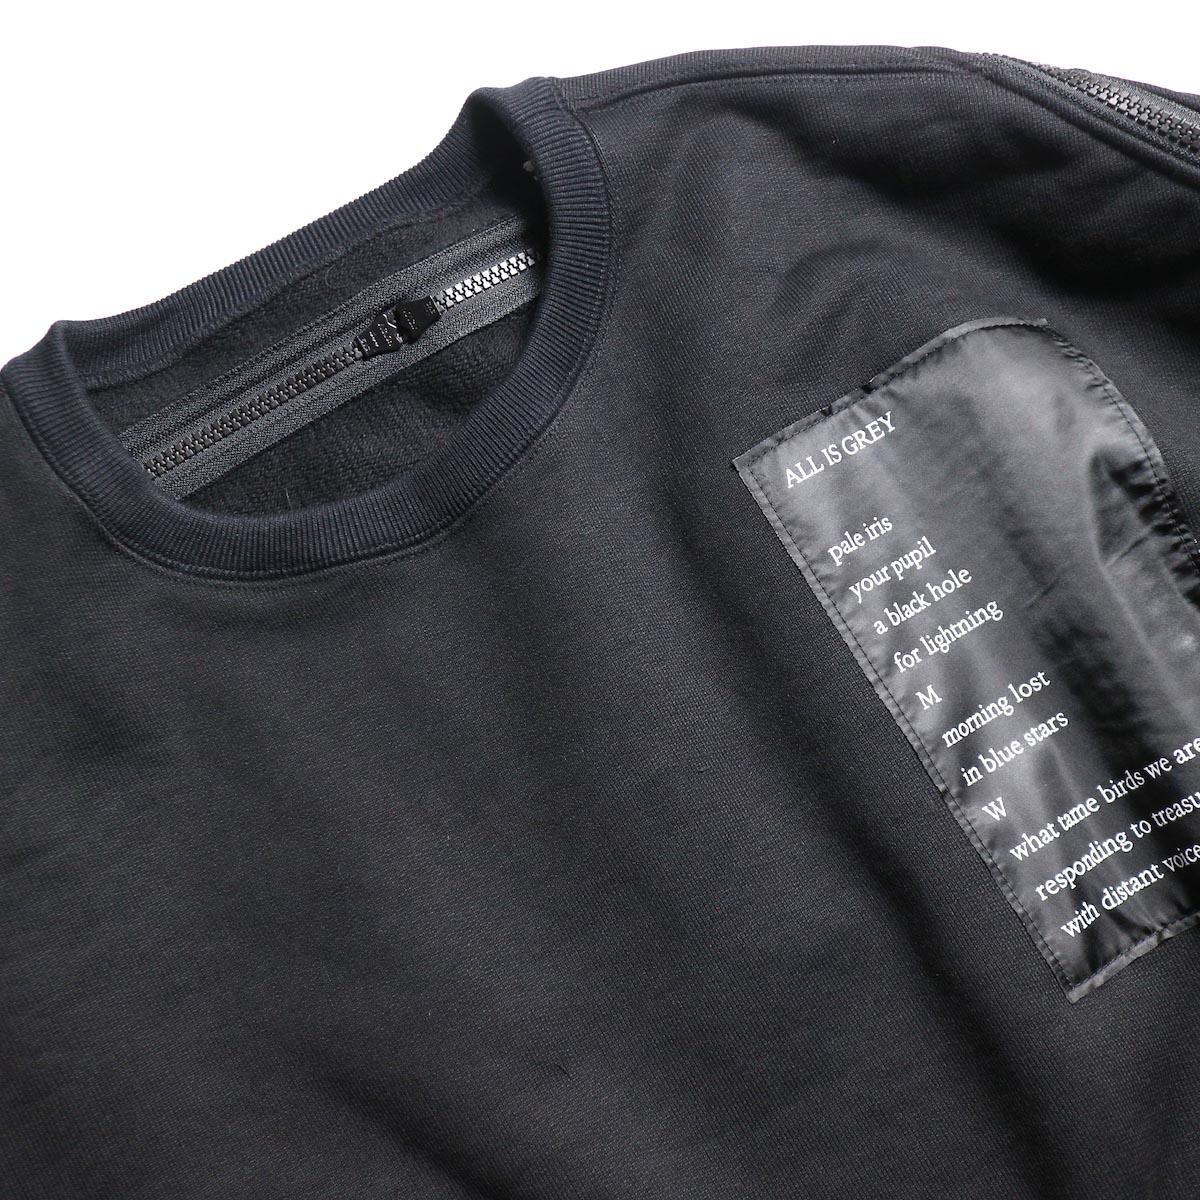 The Soloist / sc.0002aAW19 back zip crew neck l/s sweatshirt.  -Black 襟